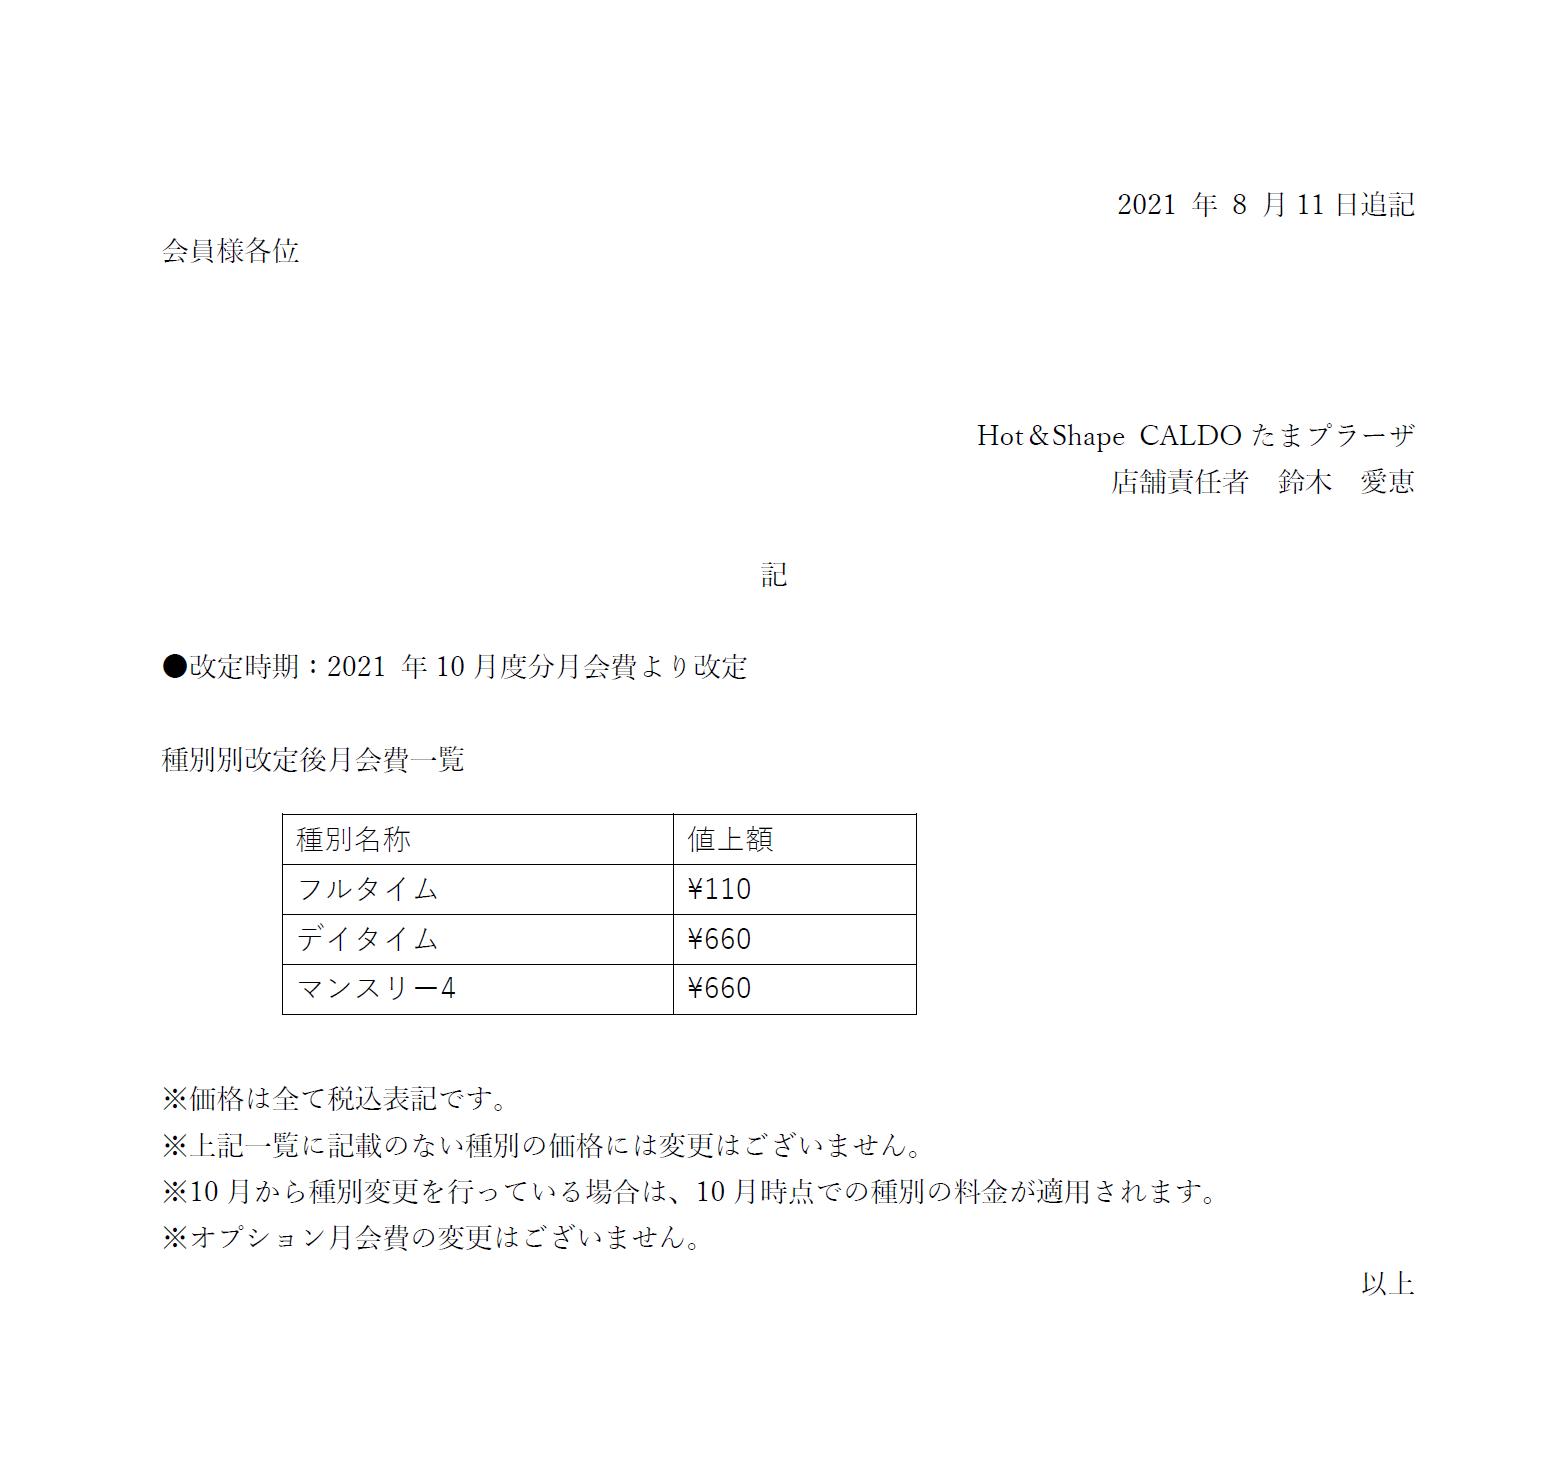 月会費および各種料金改定のご案内【8月11日追記】